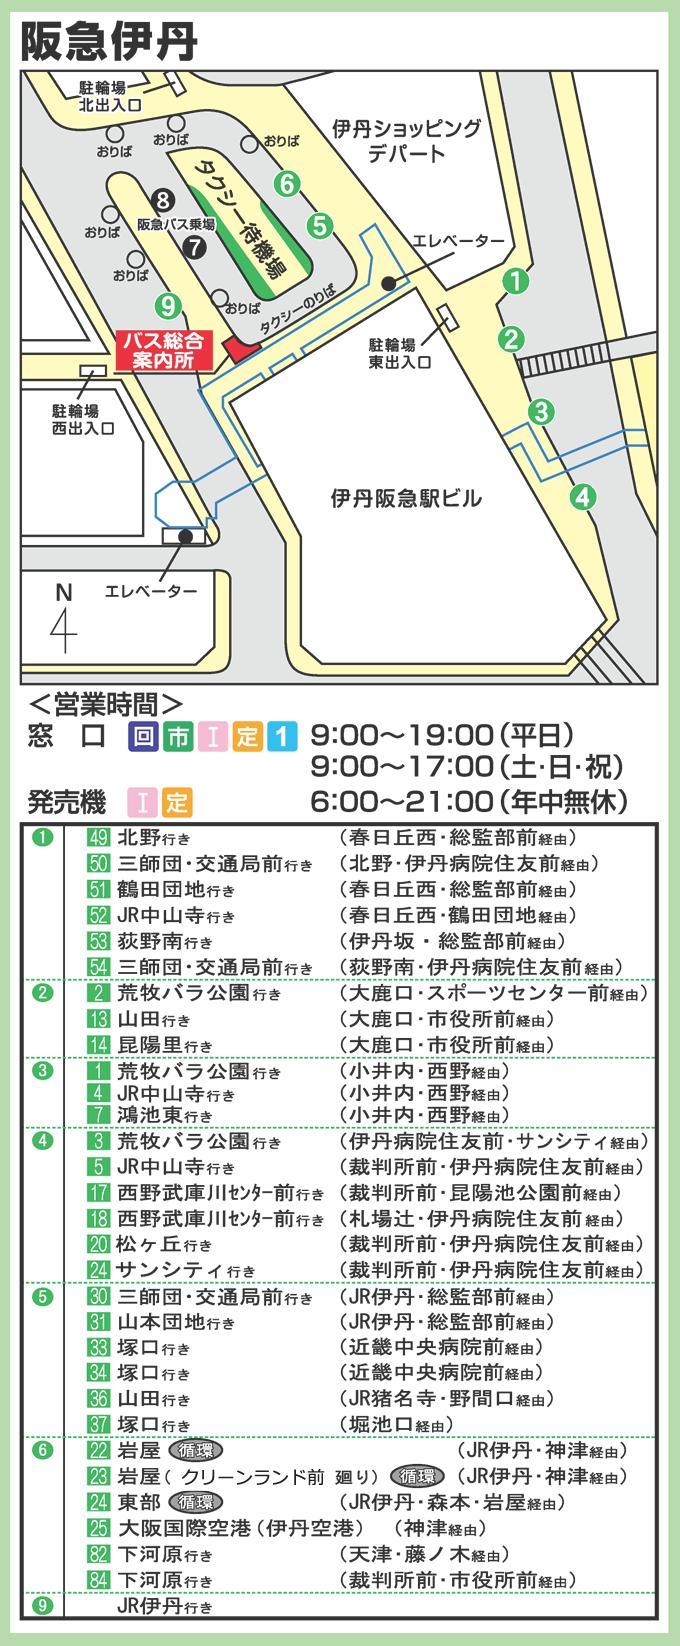 阪急伊丹駅より伊丹市バス